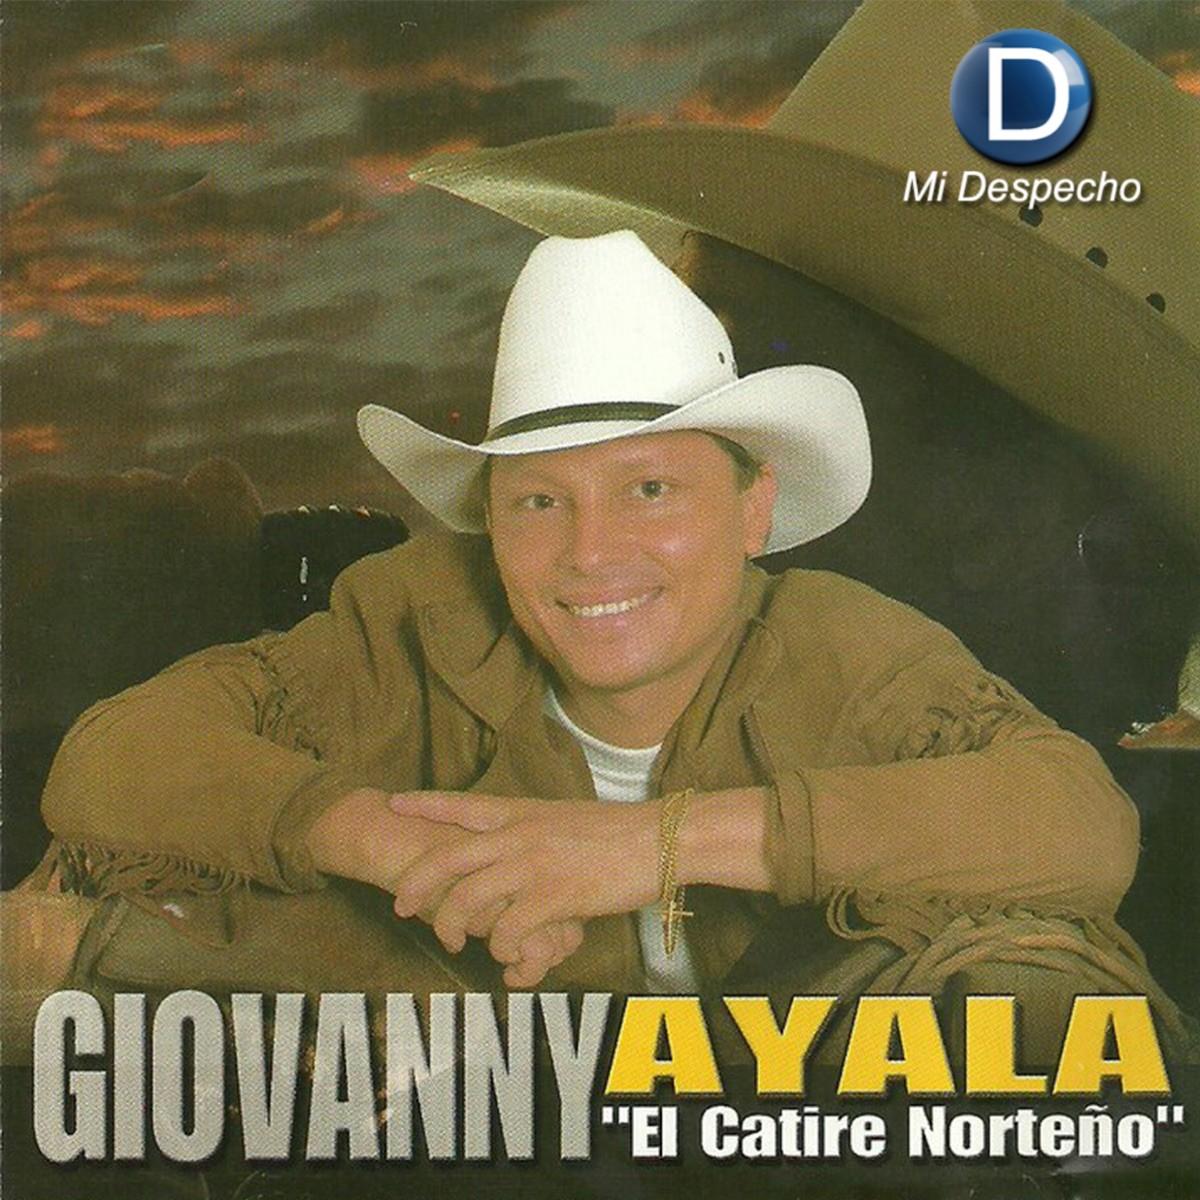 Giovanny Ayala El Catire Norteño Frontal